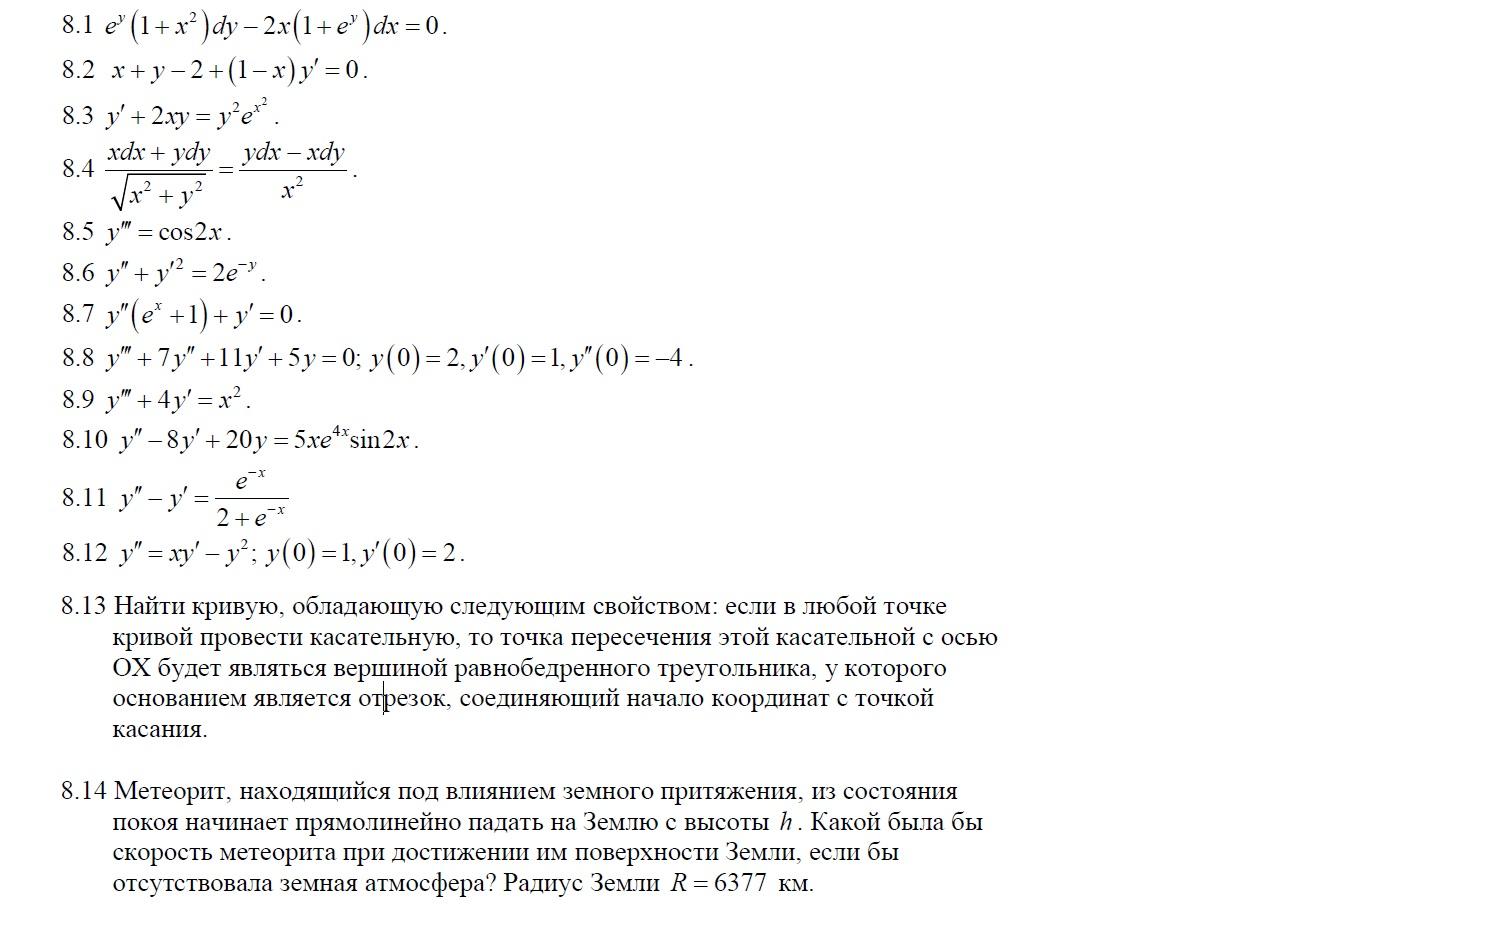 Дифференциальные уравнения Контрольная работа Вариант  Вид работы Контрольная работа Предмет Математический анализ Индивидуальный номер 1026 Содержание Посмотреть задания